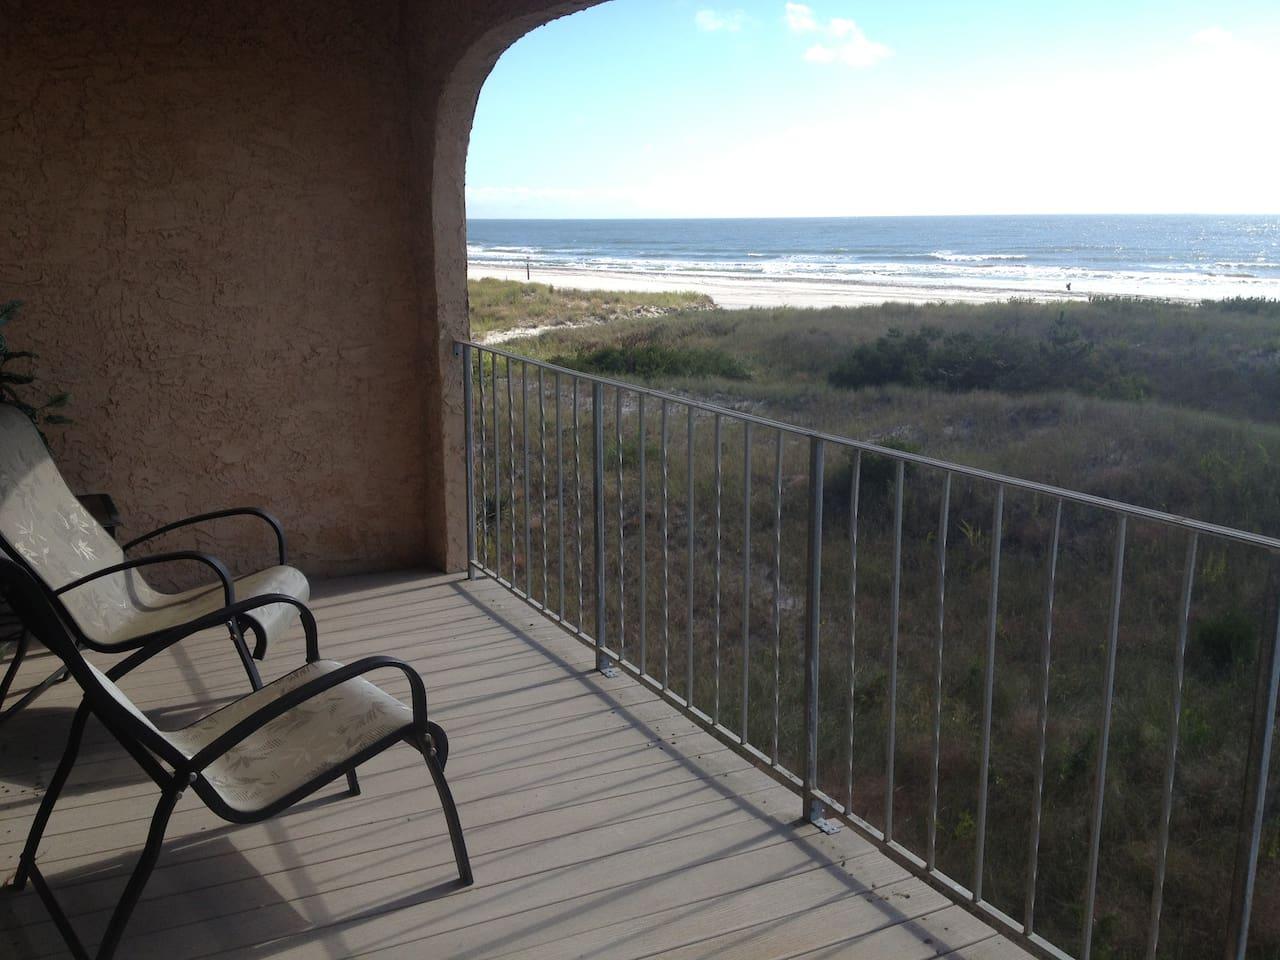 Unobstructed ocean views from Master Bedroom deck